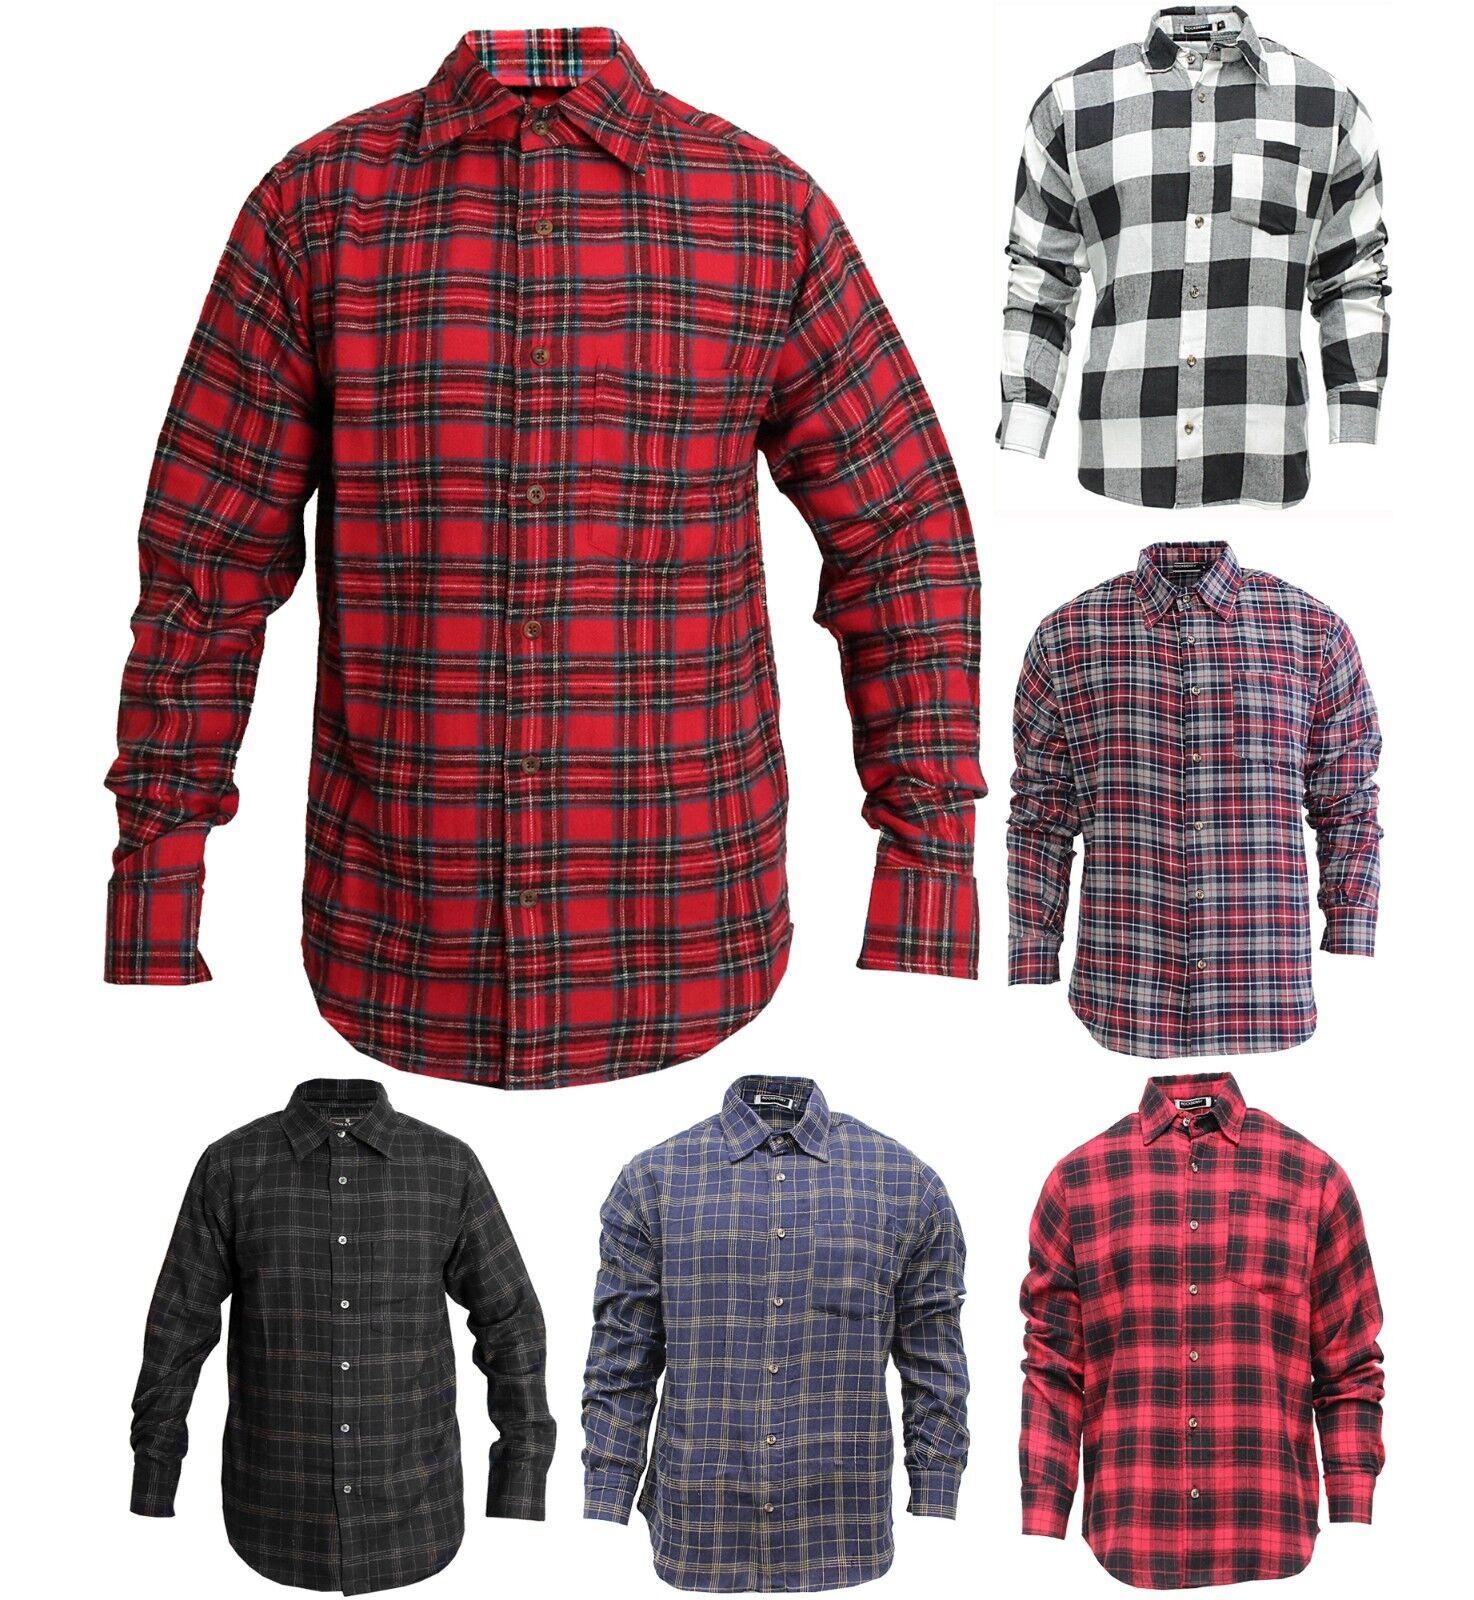 Uomo Plaid flanella Lumberjack SCOZZESE Camicia a quadri cotone spazzolato